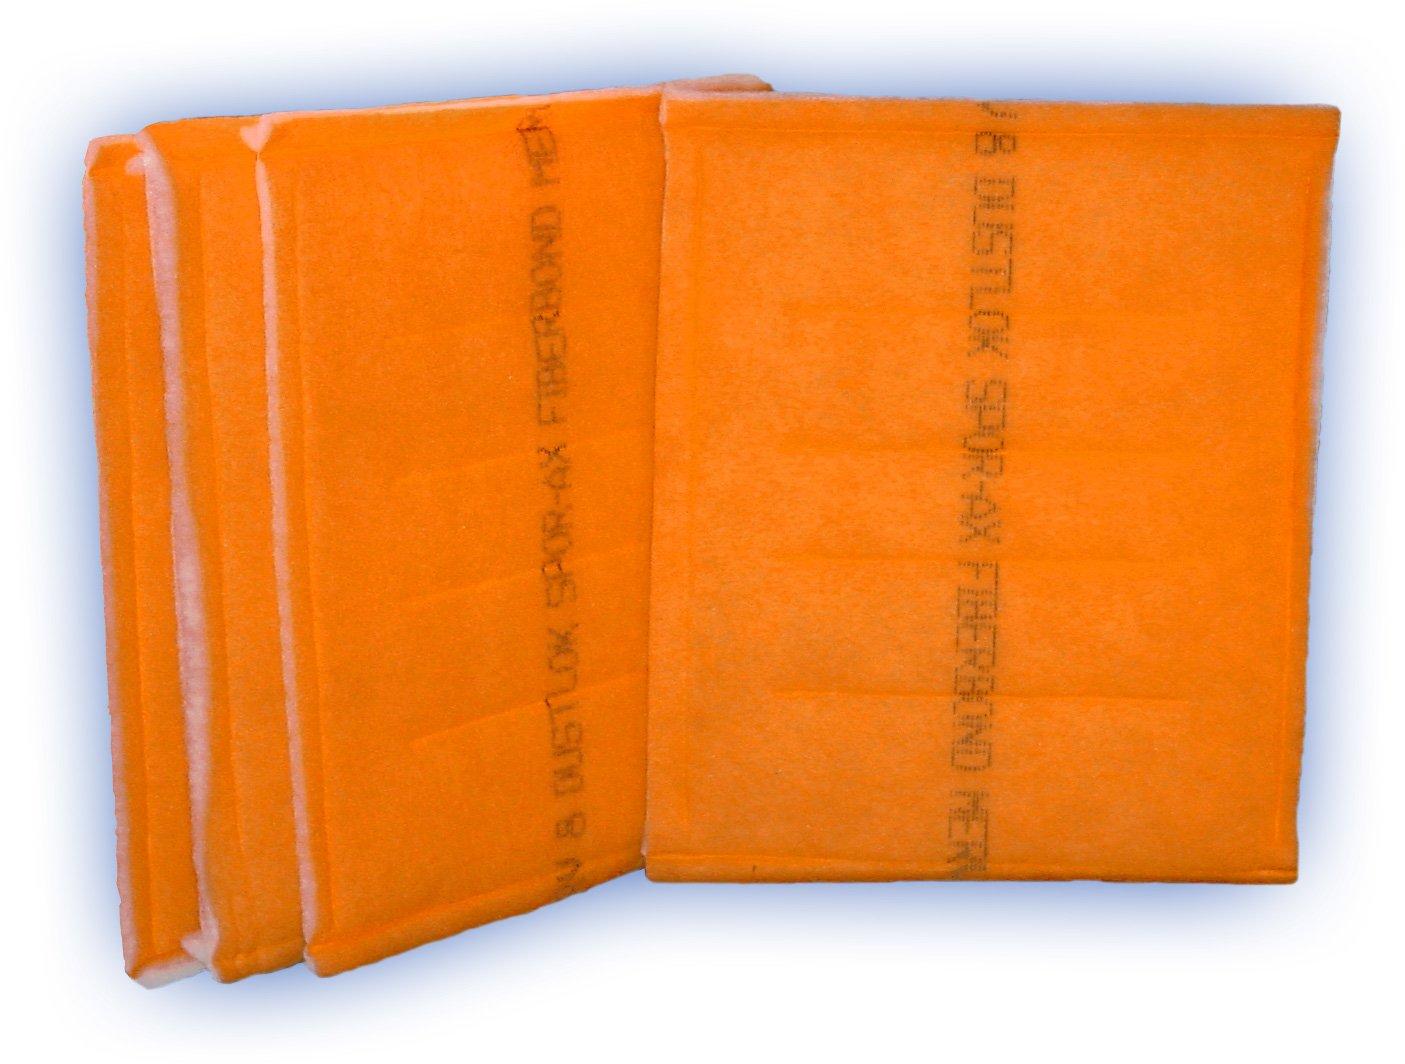 DustLok 3-ply Panel Filter 20 x 20 MERV 9 4-Pack